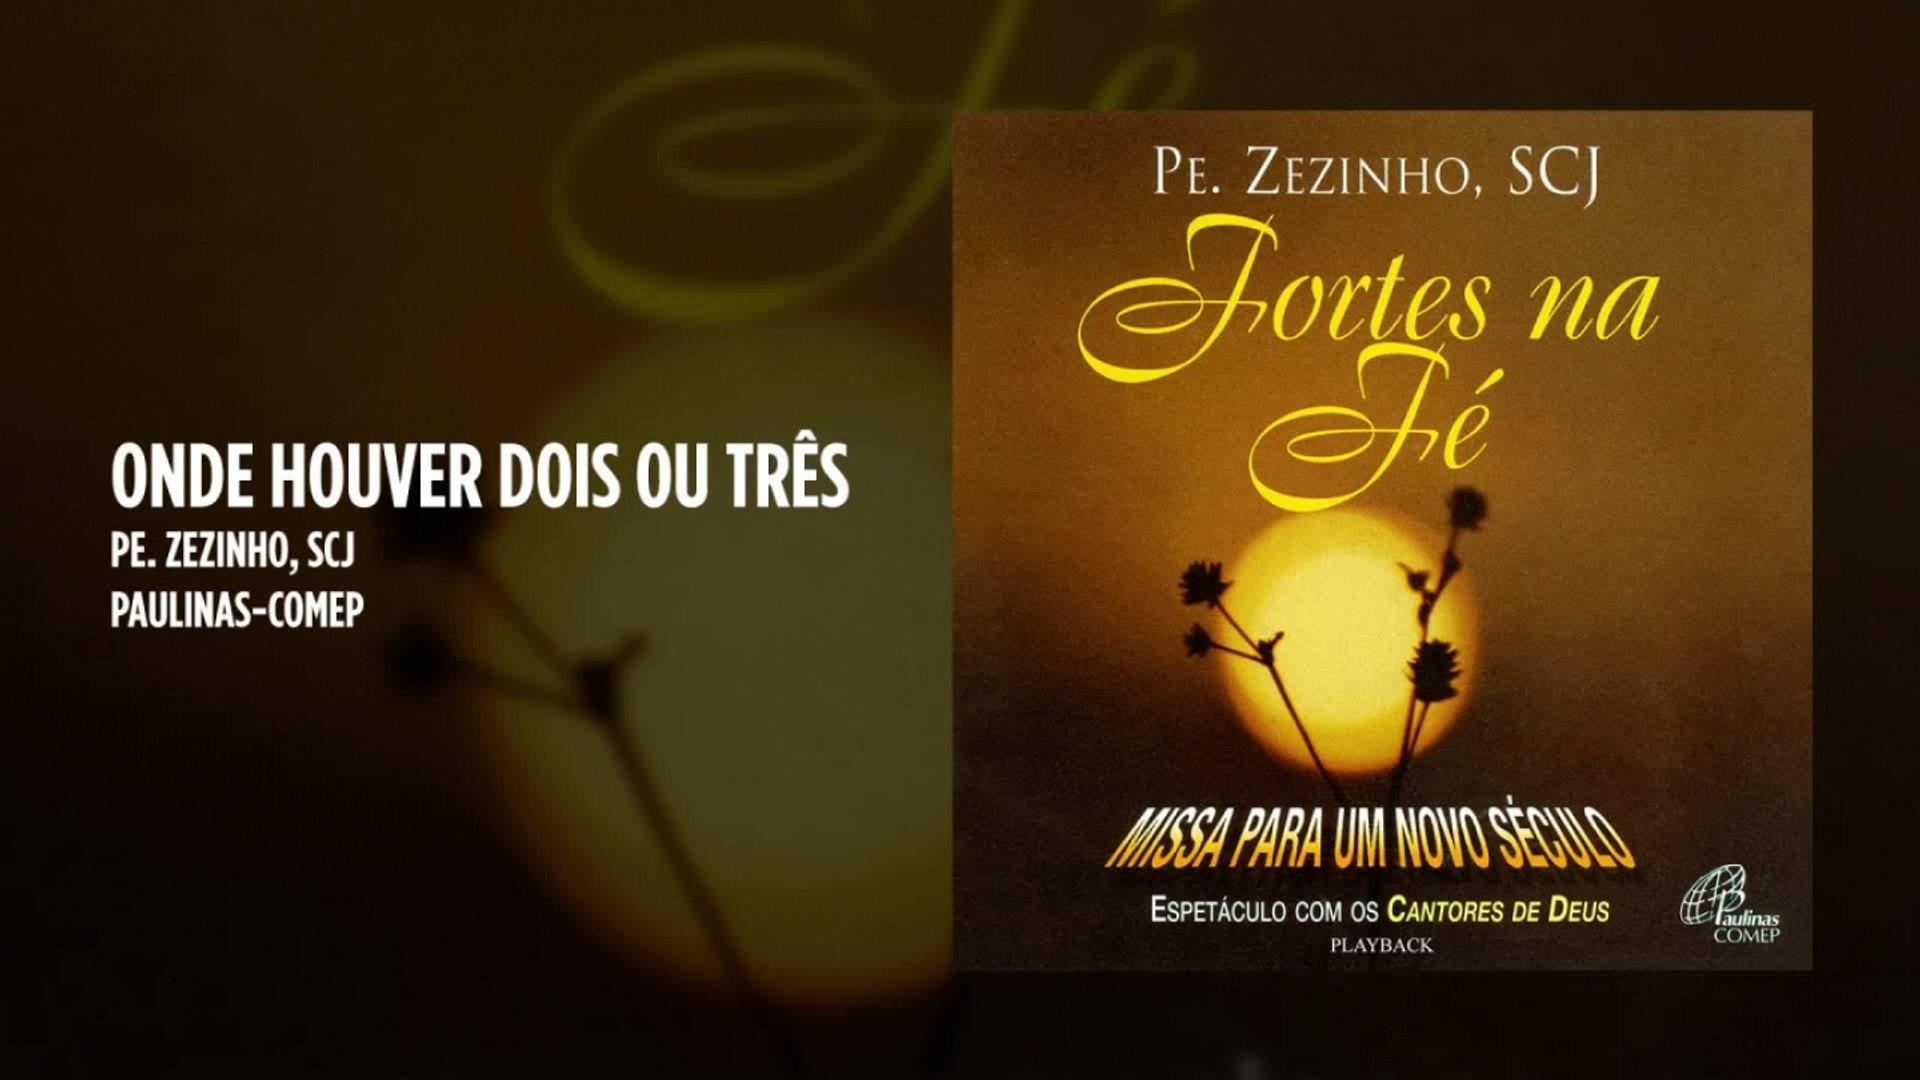 Padre Zezinho, scj - Onde houver dois ou três - (Playback)